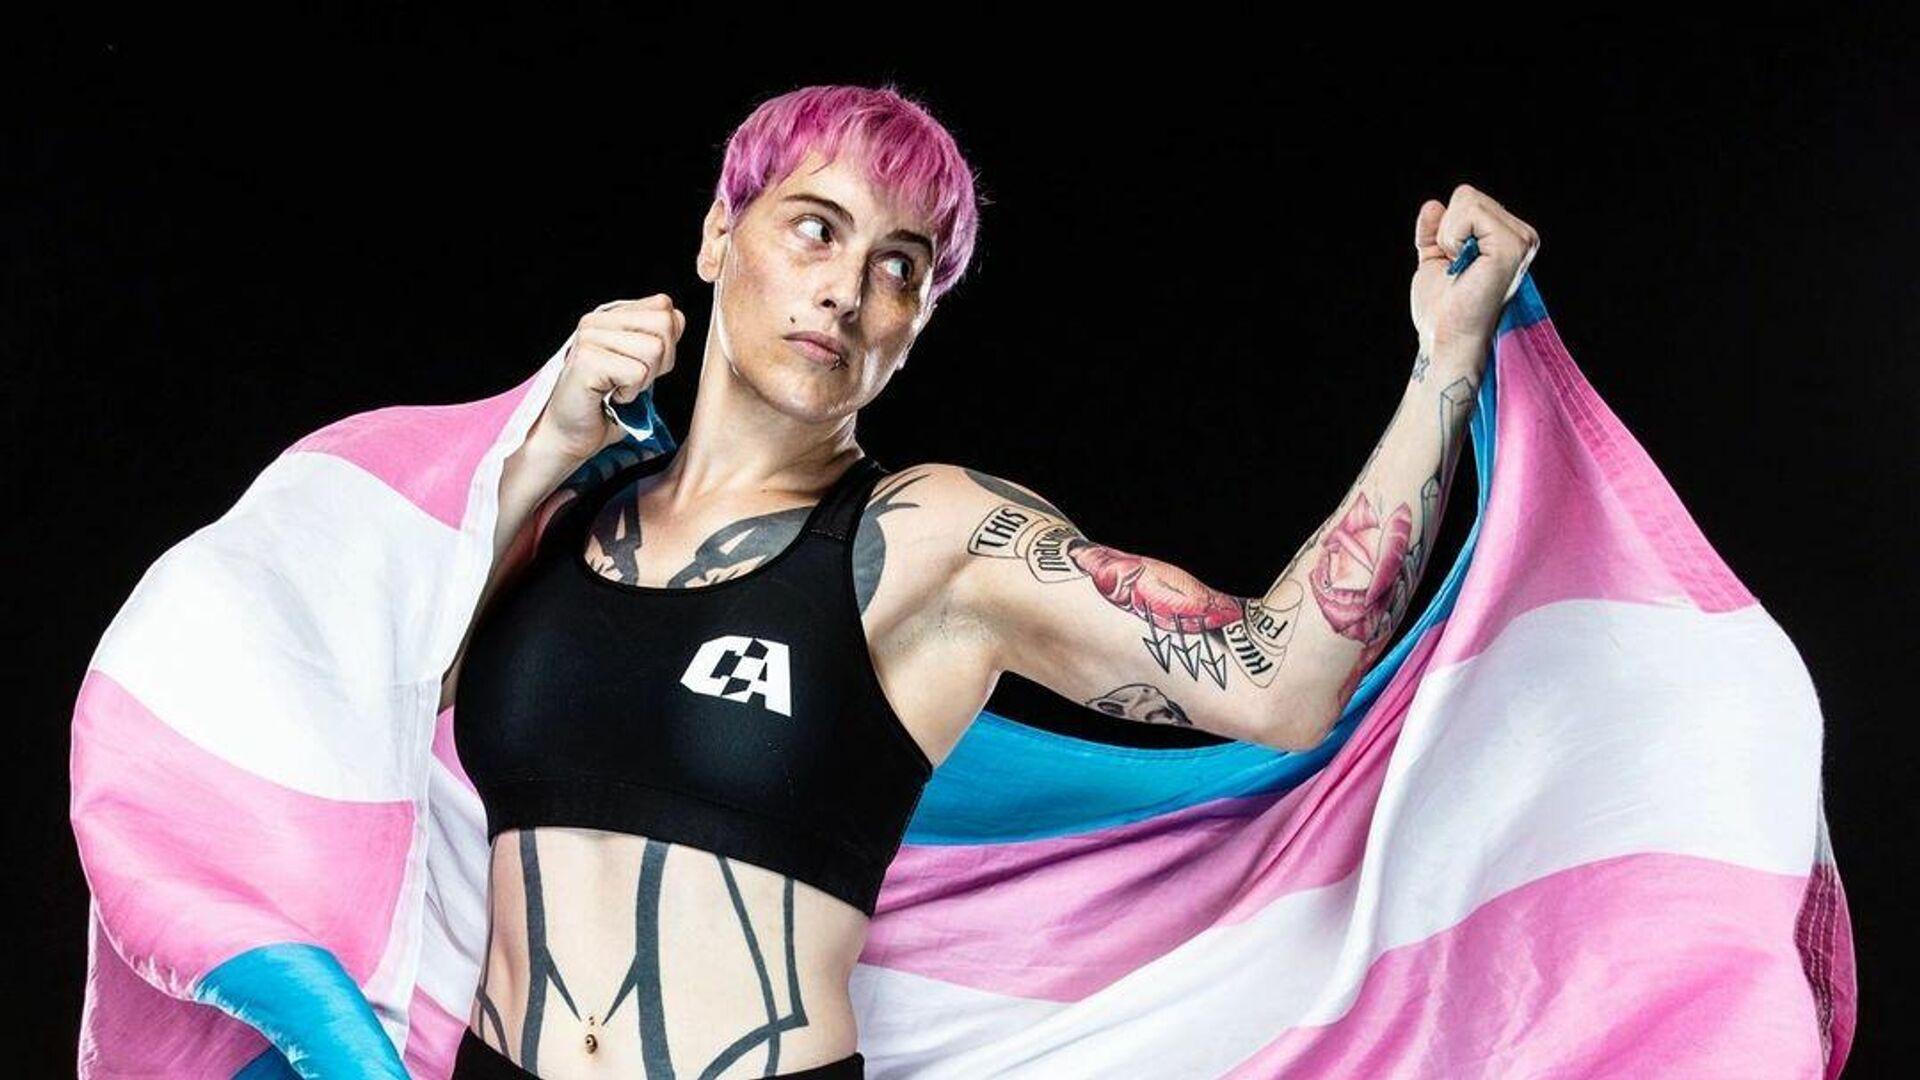 Alana McLaughlin, luchadora de MMA estadounidense  - Sputnik Mundo, 1920, 17.09.2021